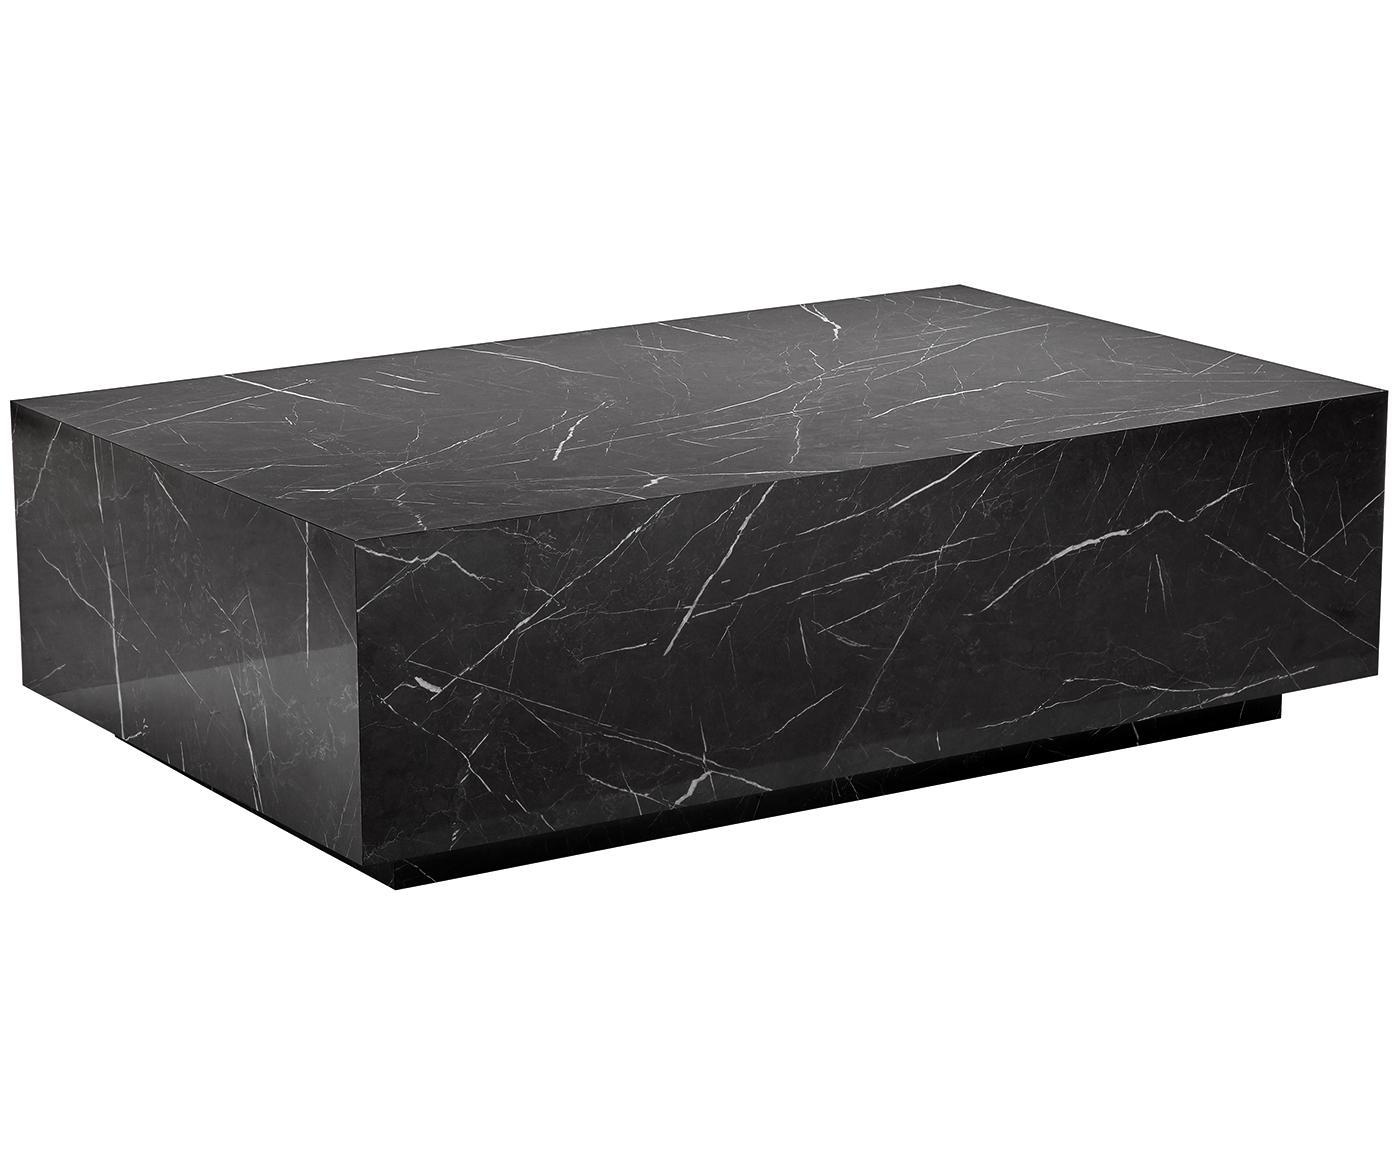 Tavolino da salotto galleggiante Lesley, Pannello di fibra a media densità (MDF) rivestito con foglio di melamina, Nero, marmorizzato lucido, Larg. 120 x Prof. 75 cm